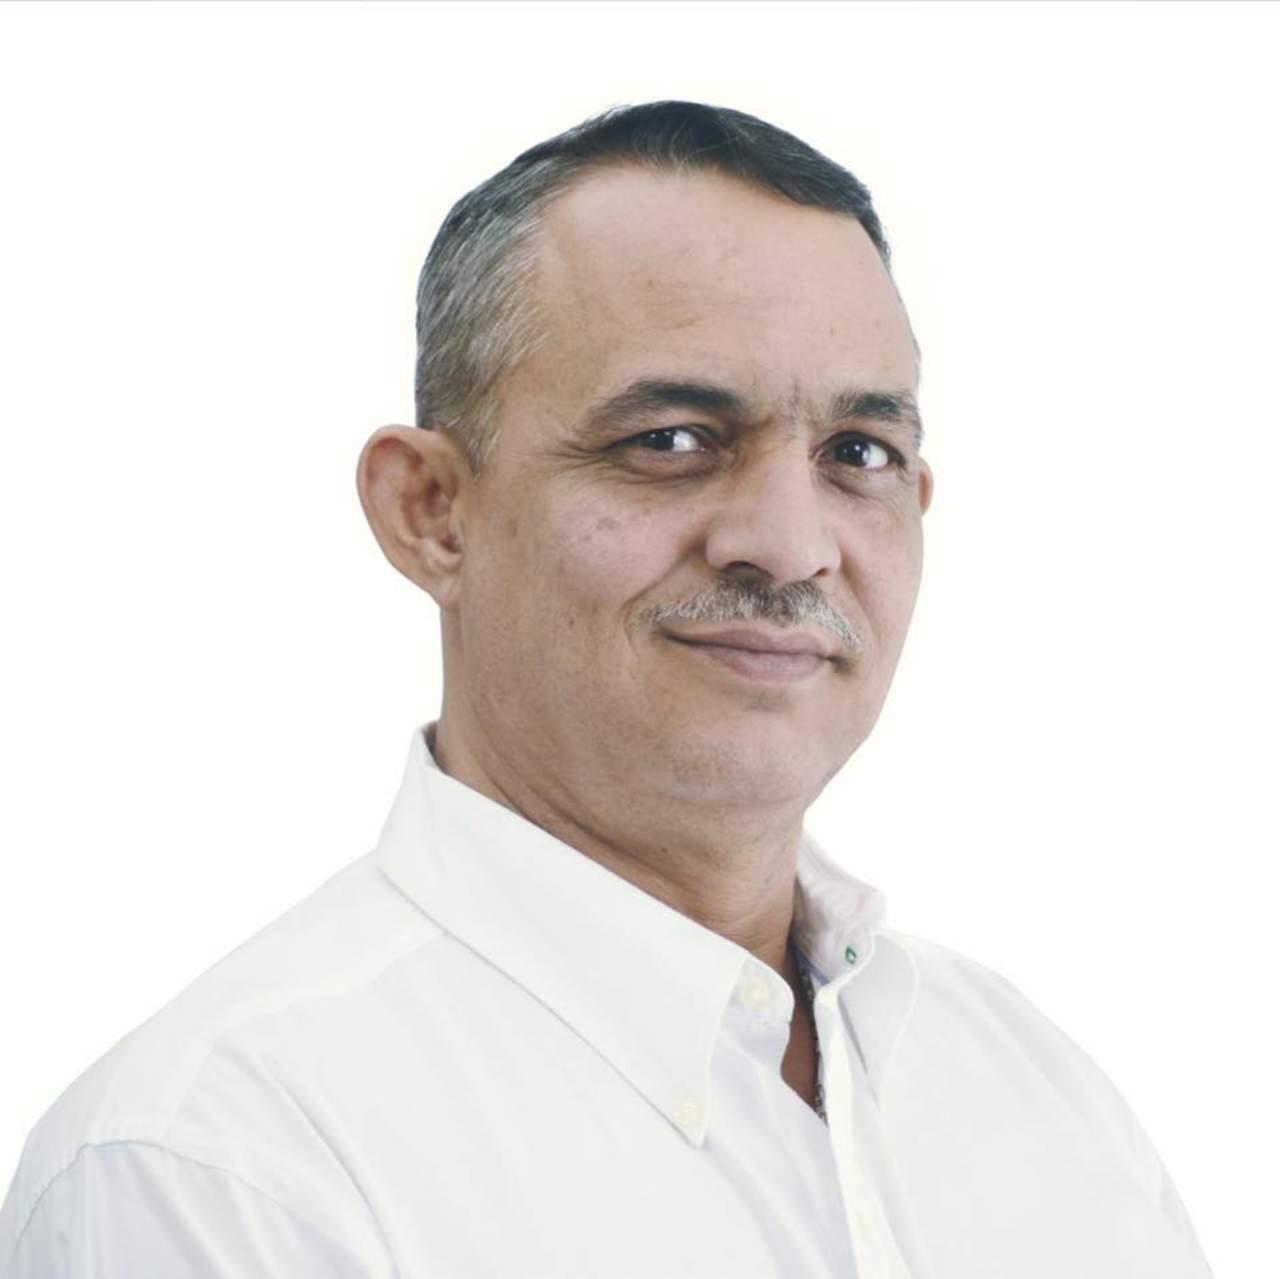 Matan a alcalde que buscaba reelección en Jalisco